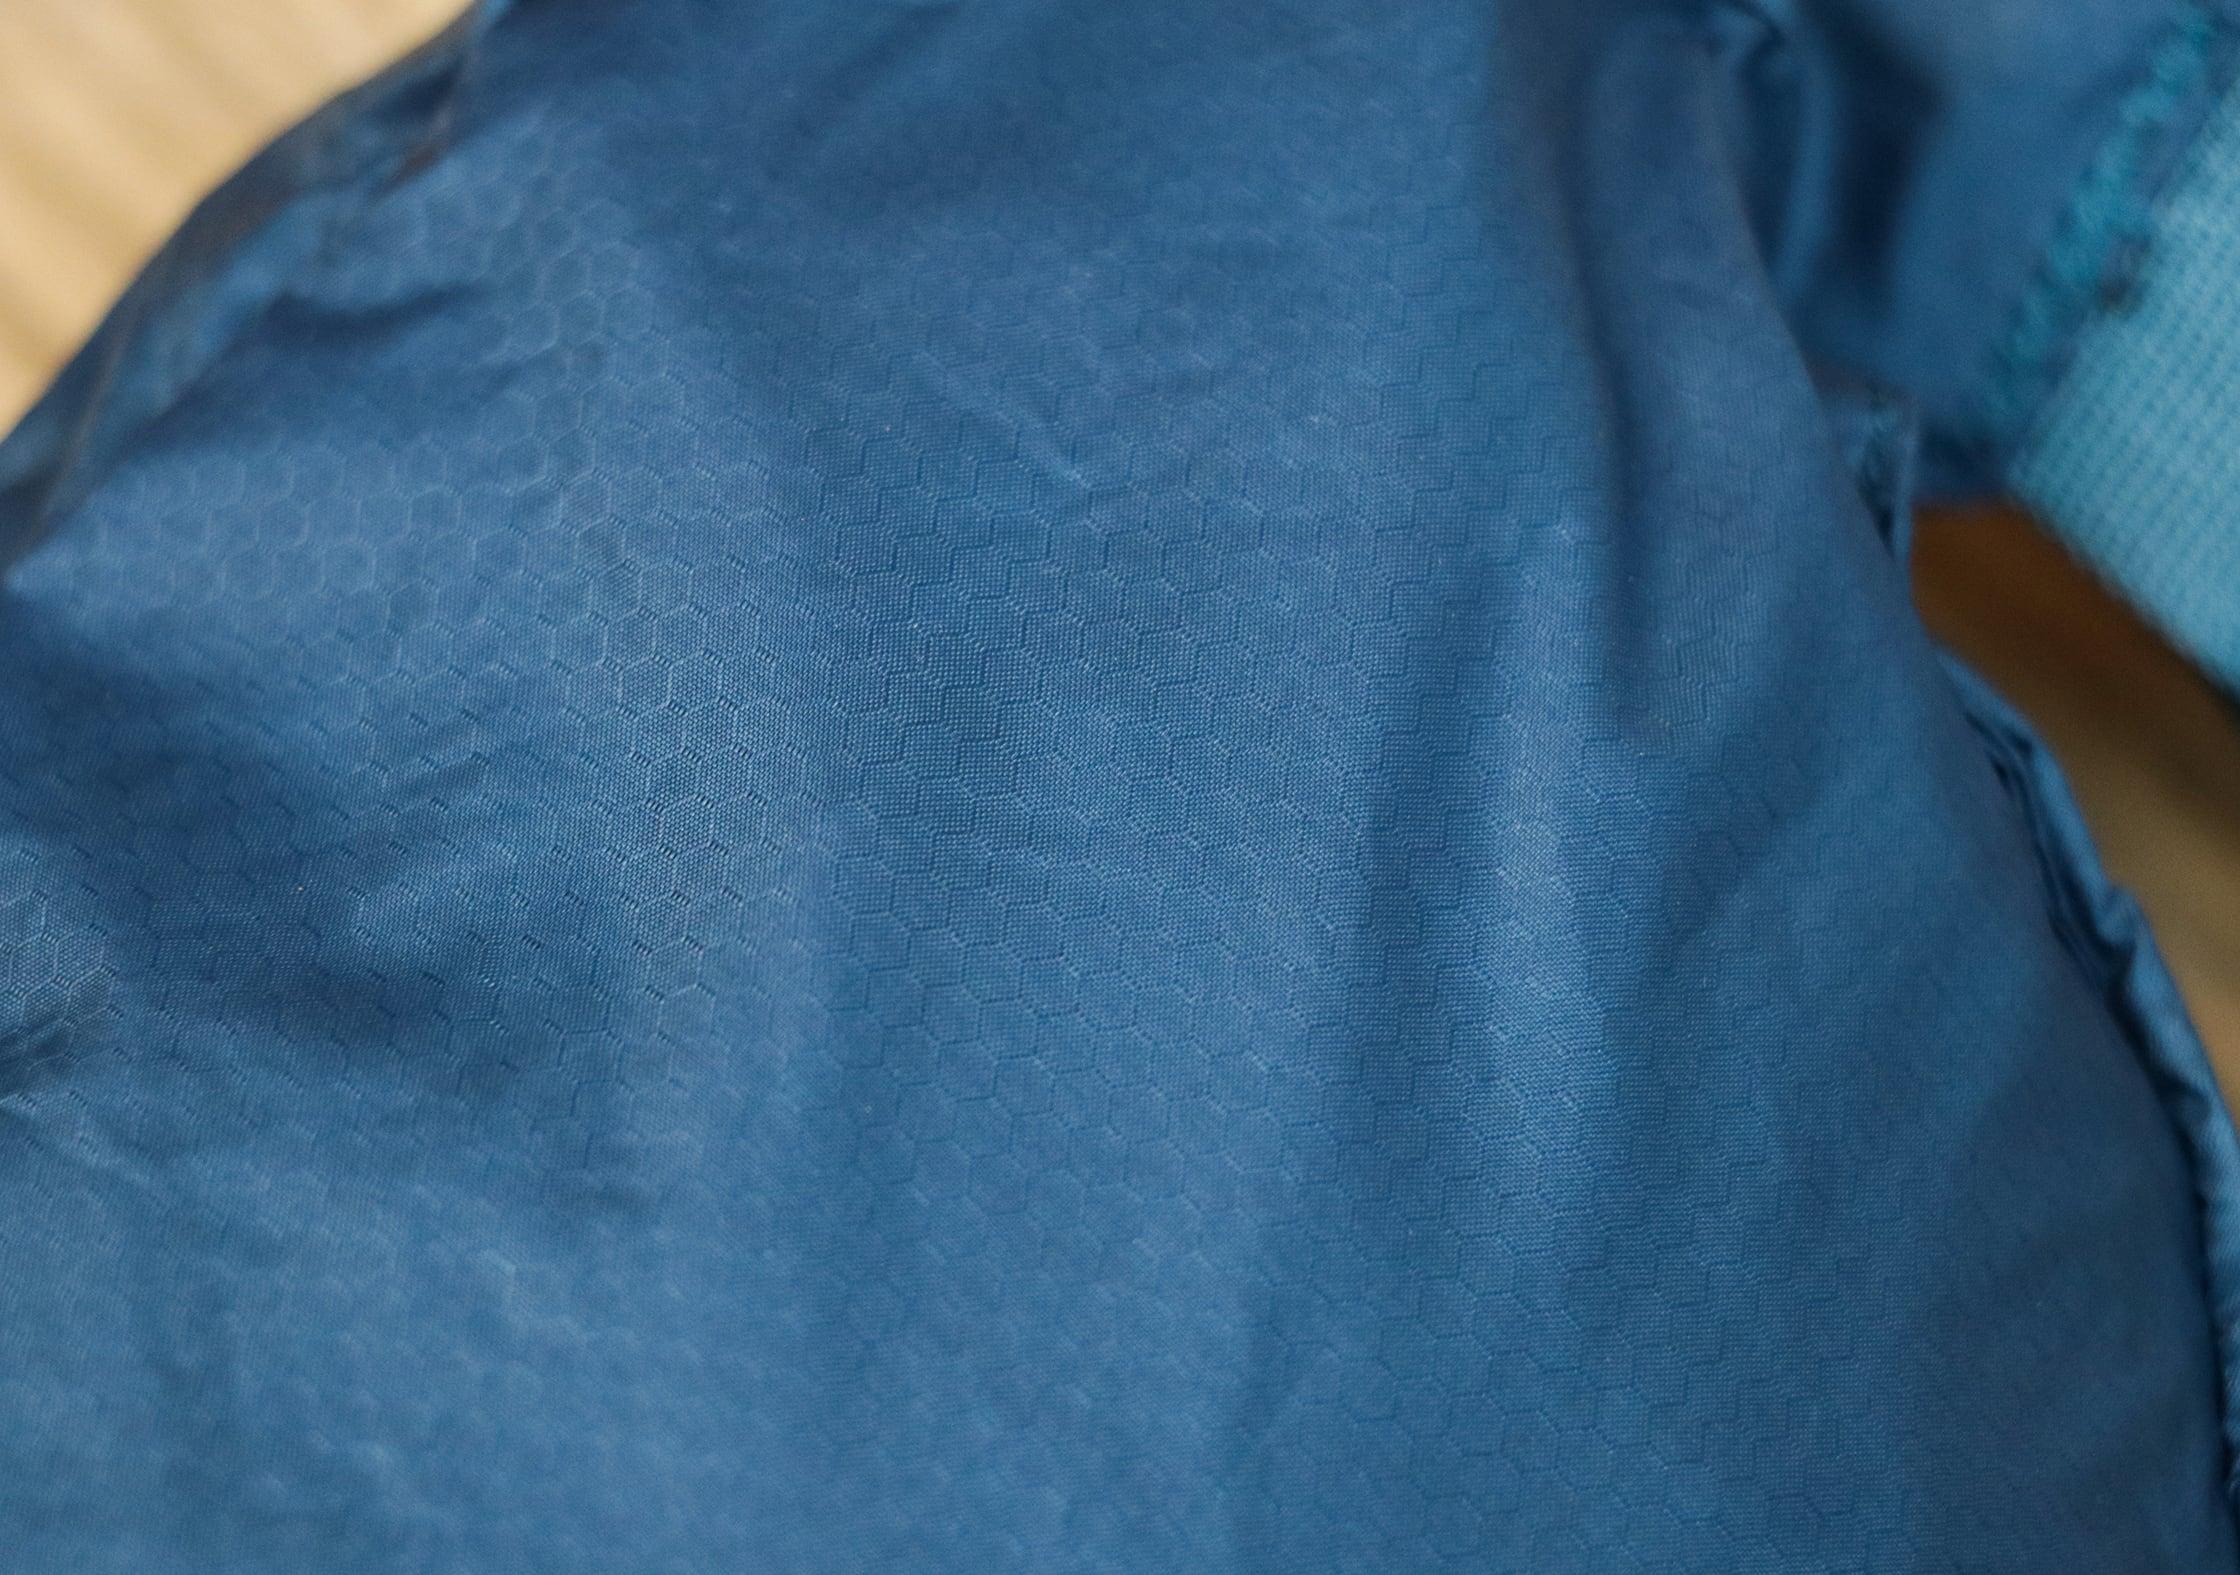 30D Siliconized CORDURA® Nylon Ripstop Material